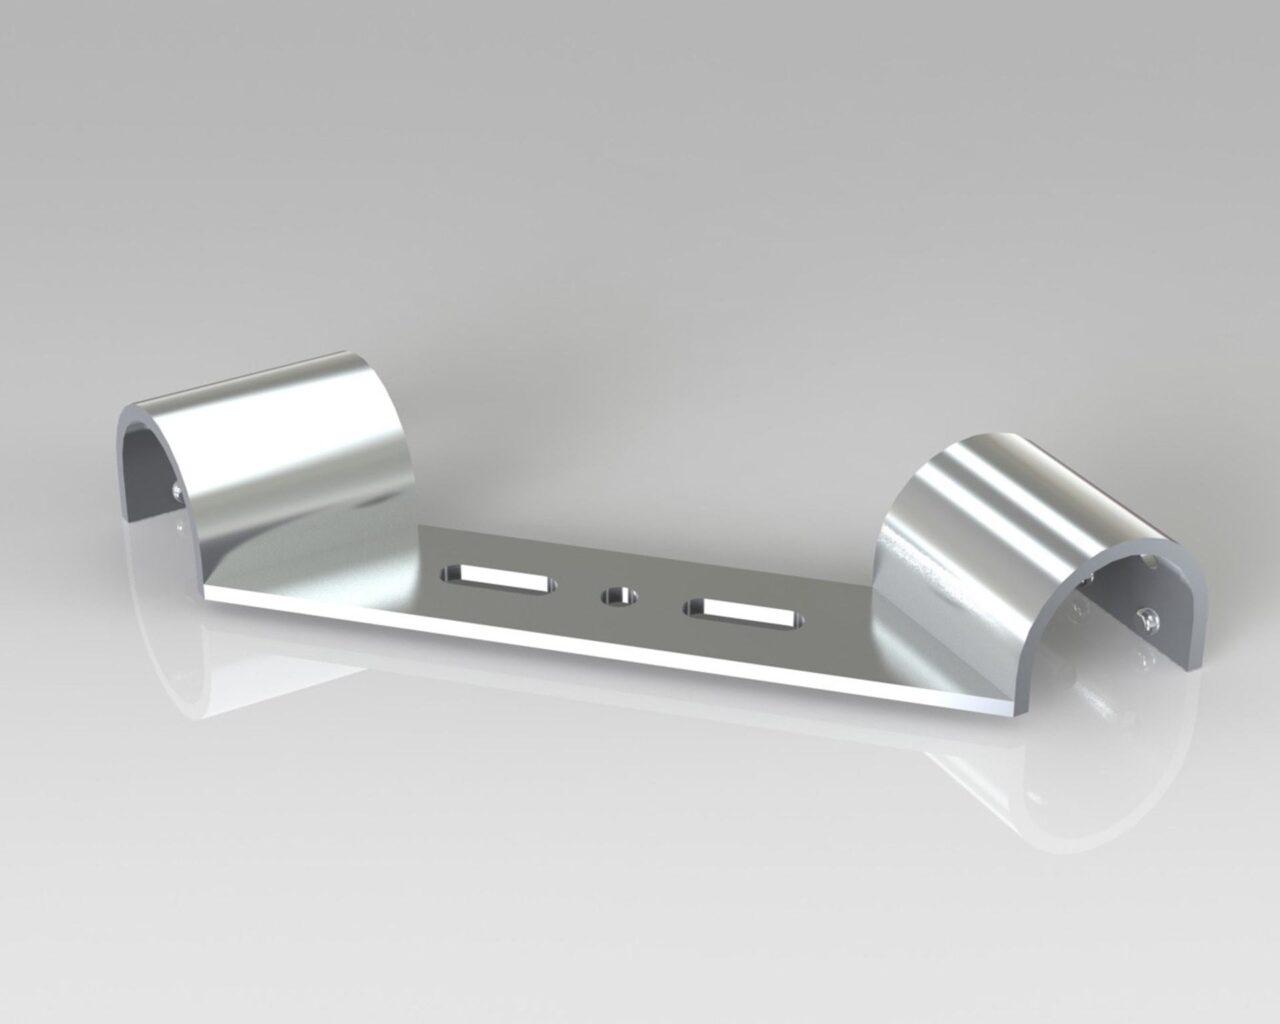 PEK3 Easytube Metal Accessories CM-A